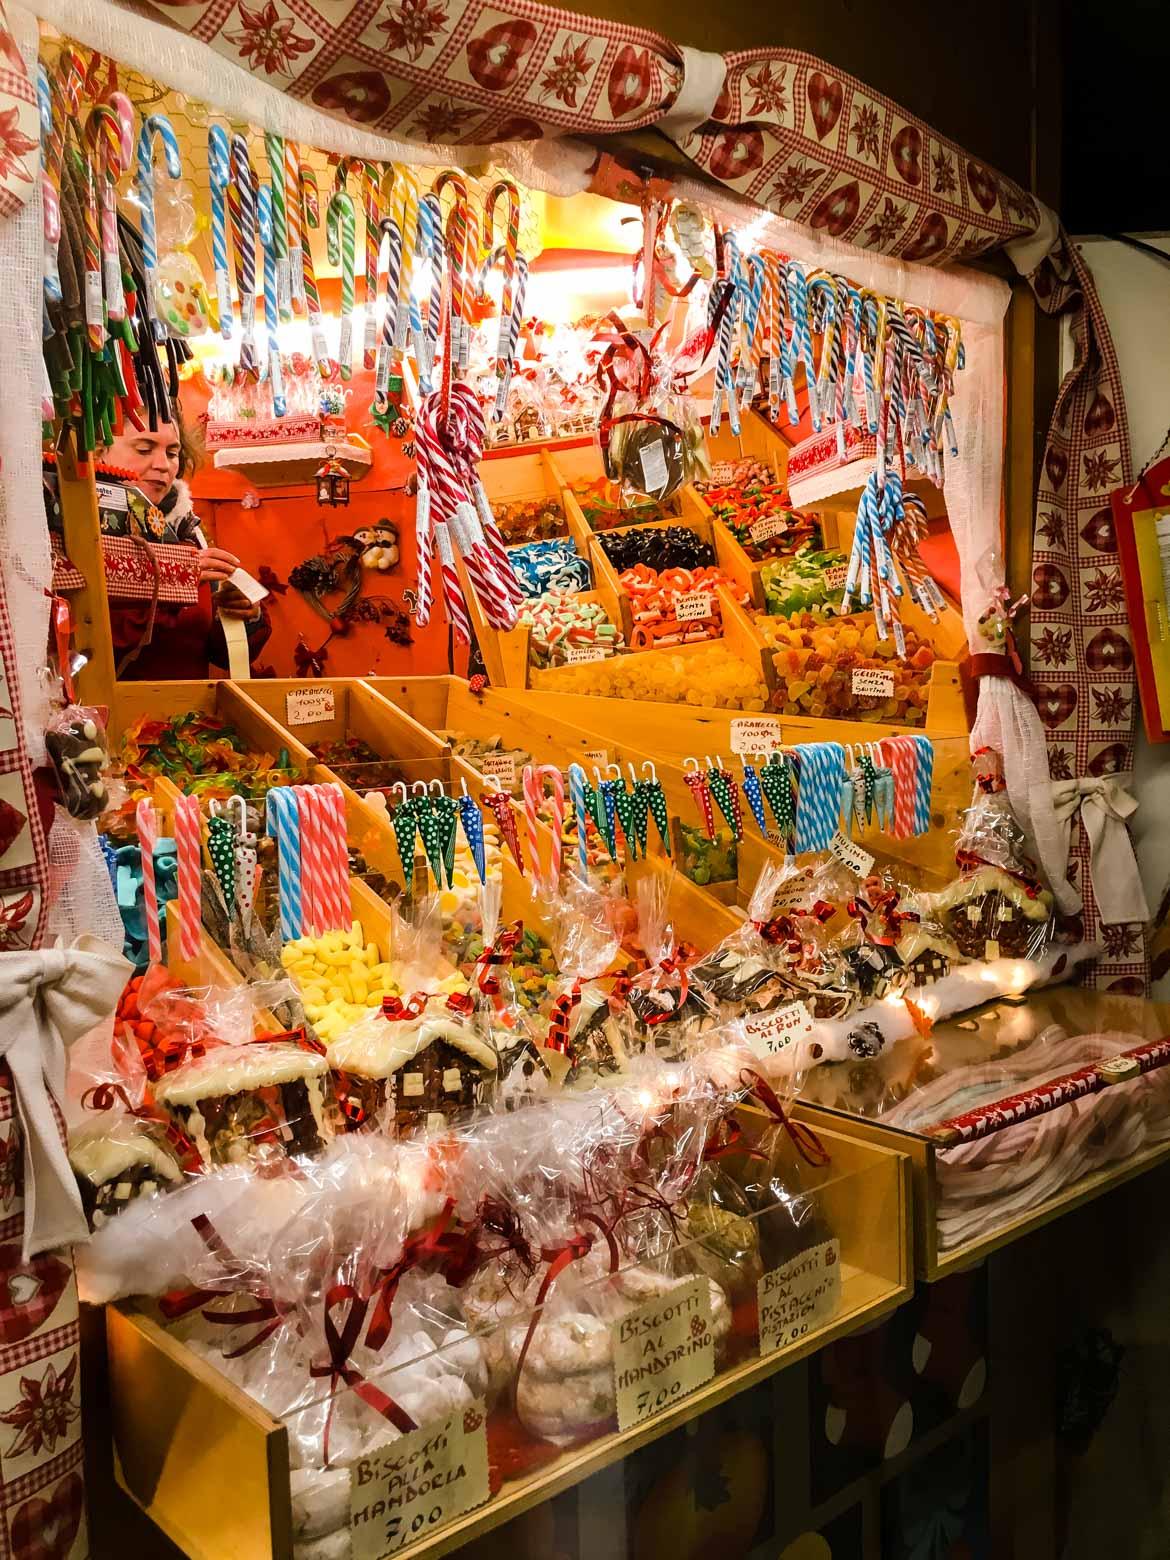 Bressanone mercatino Natale candy - In viaggio con Monica